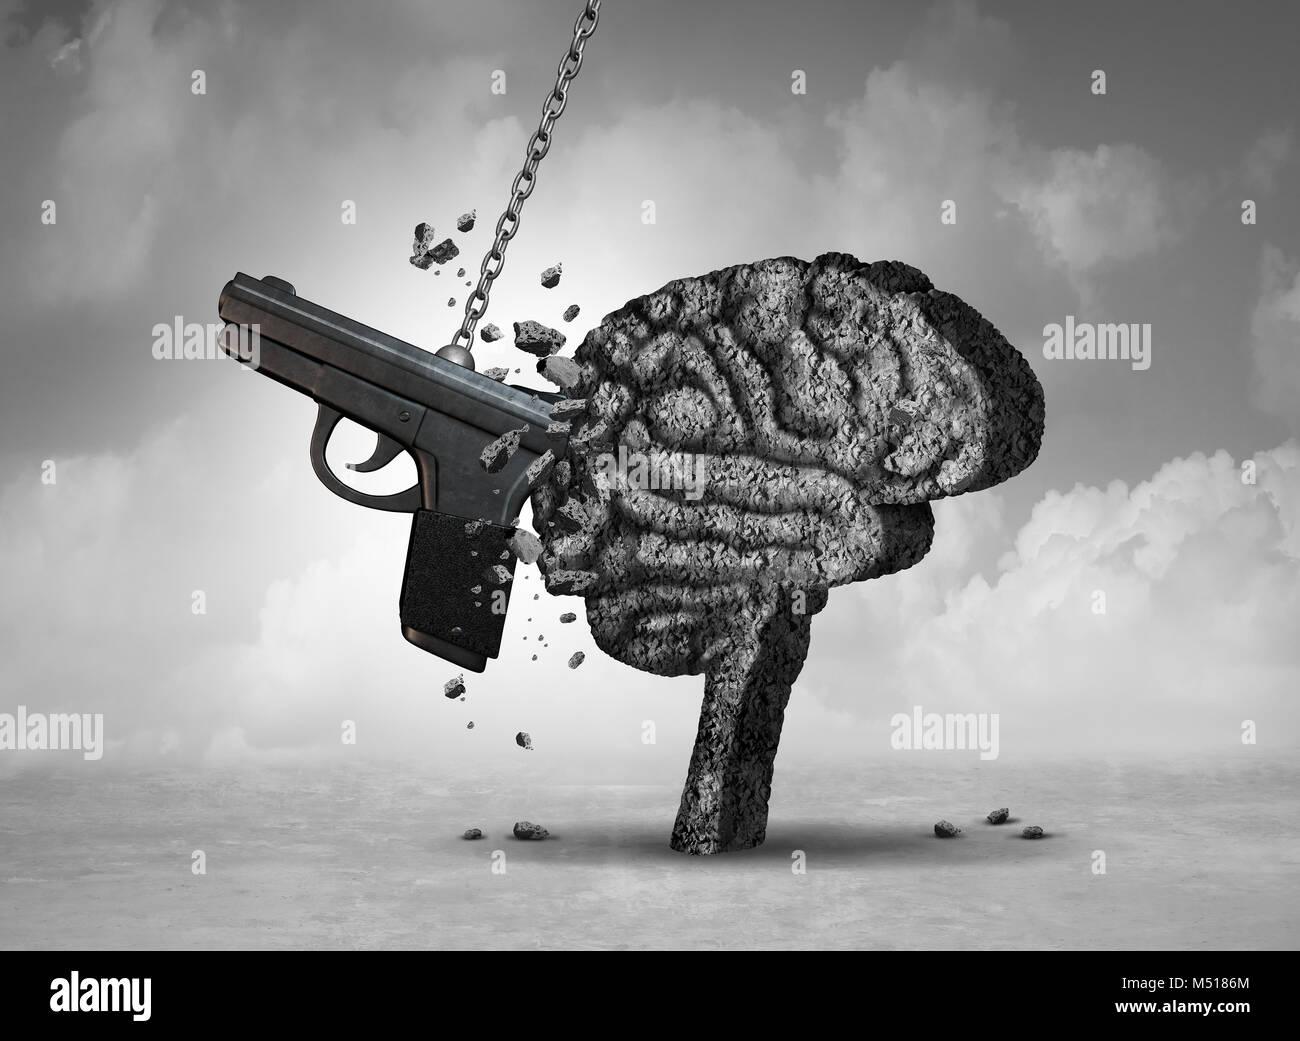 La violencia de las armas de fuego y el concepto de salud mental como un trastorno cerebral psiquiátricos riesgo Imagen De Stock